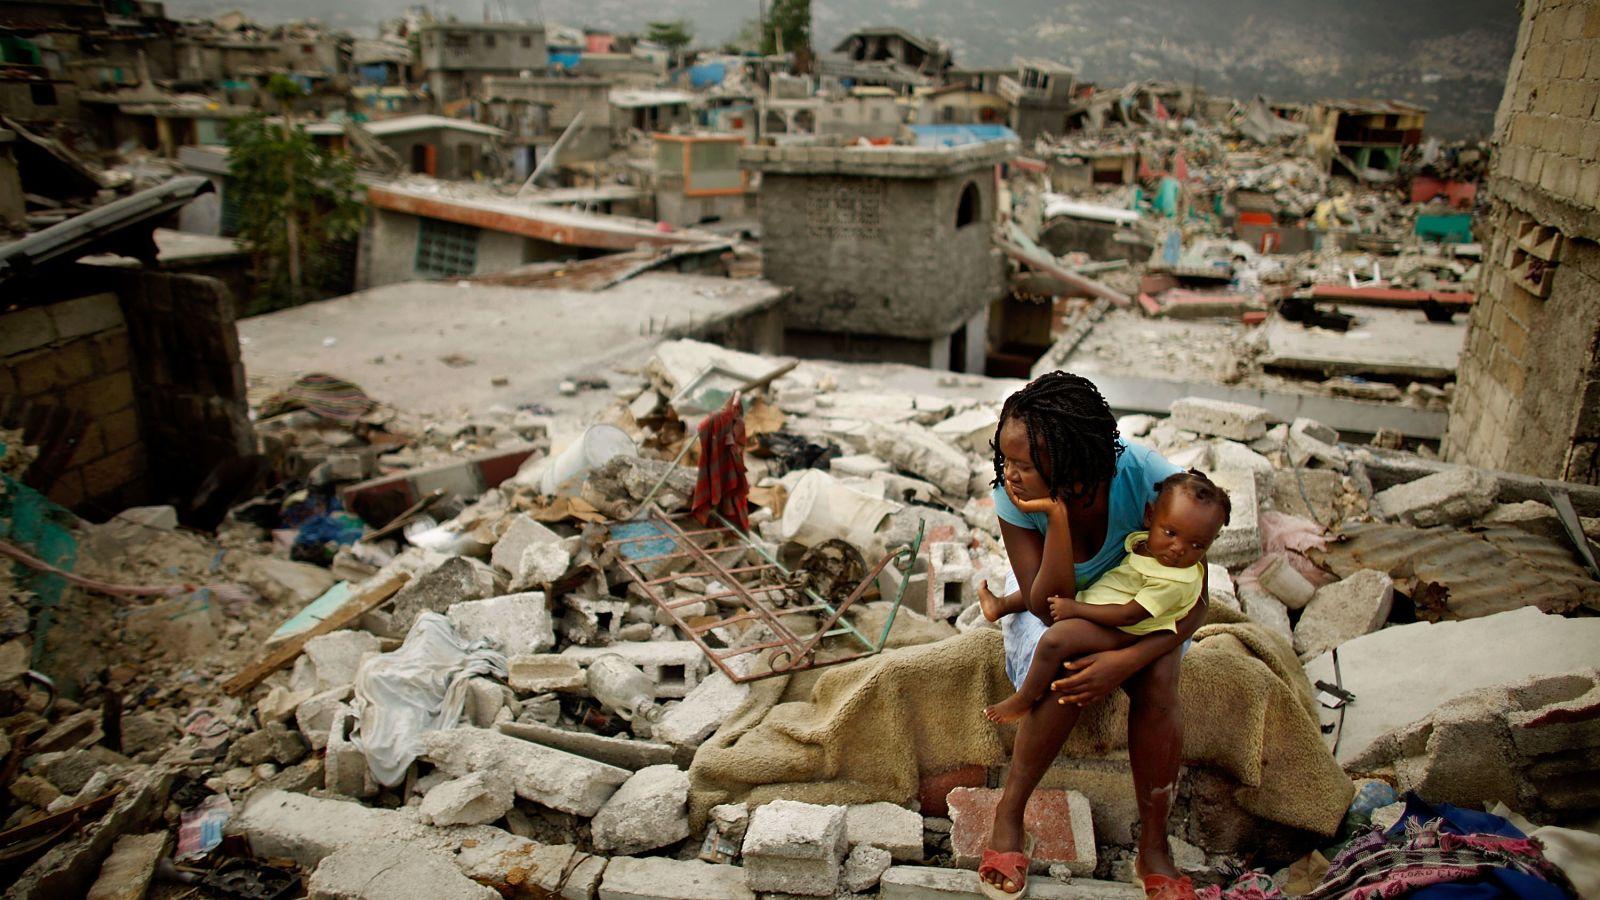 Porto Rico ficou completamente destruído após os furacões do mês passado. Foto Gawker.